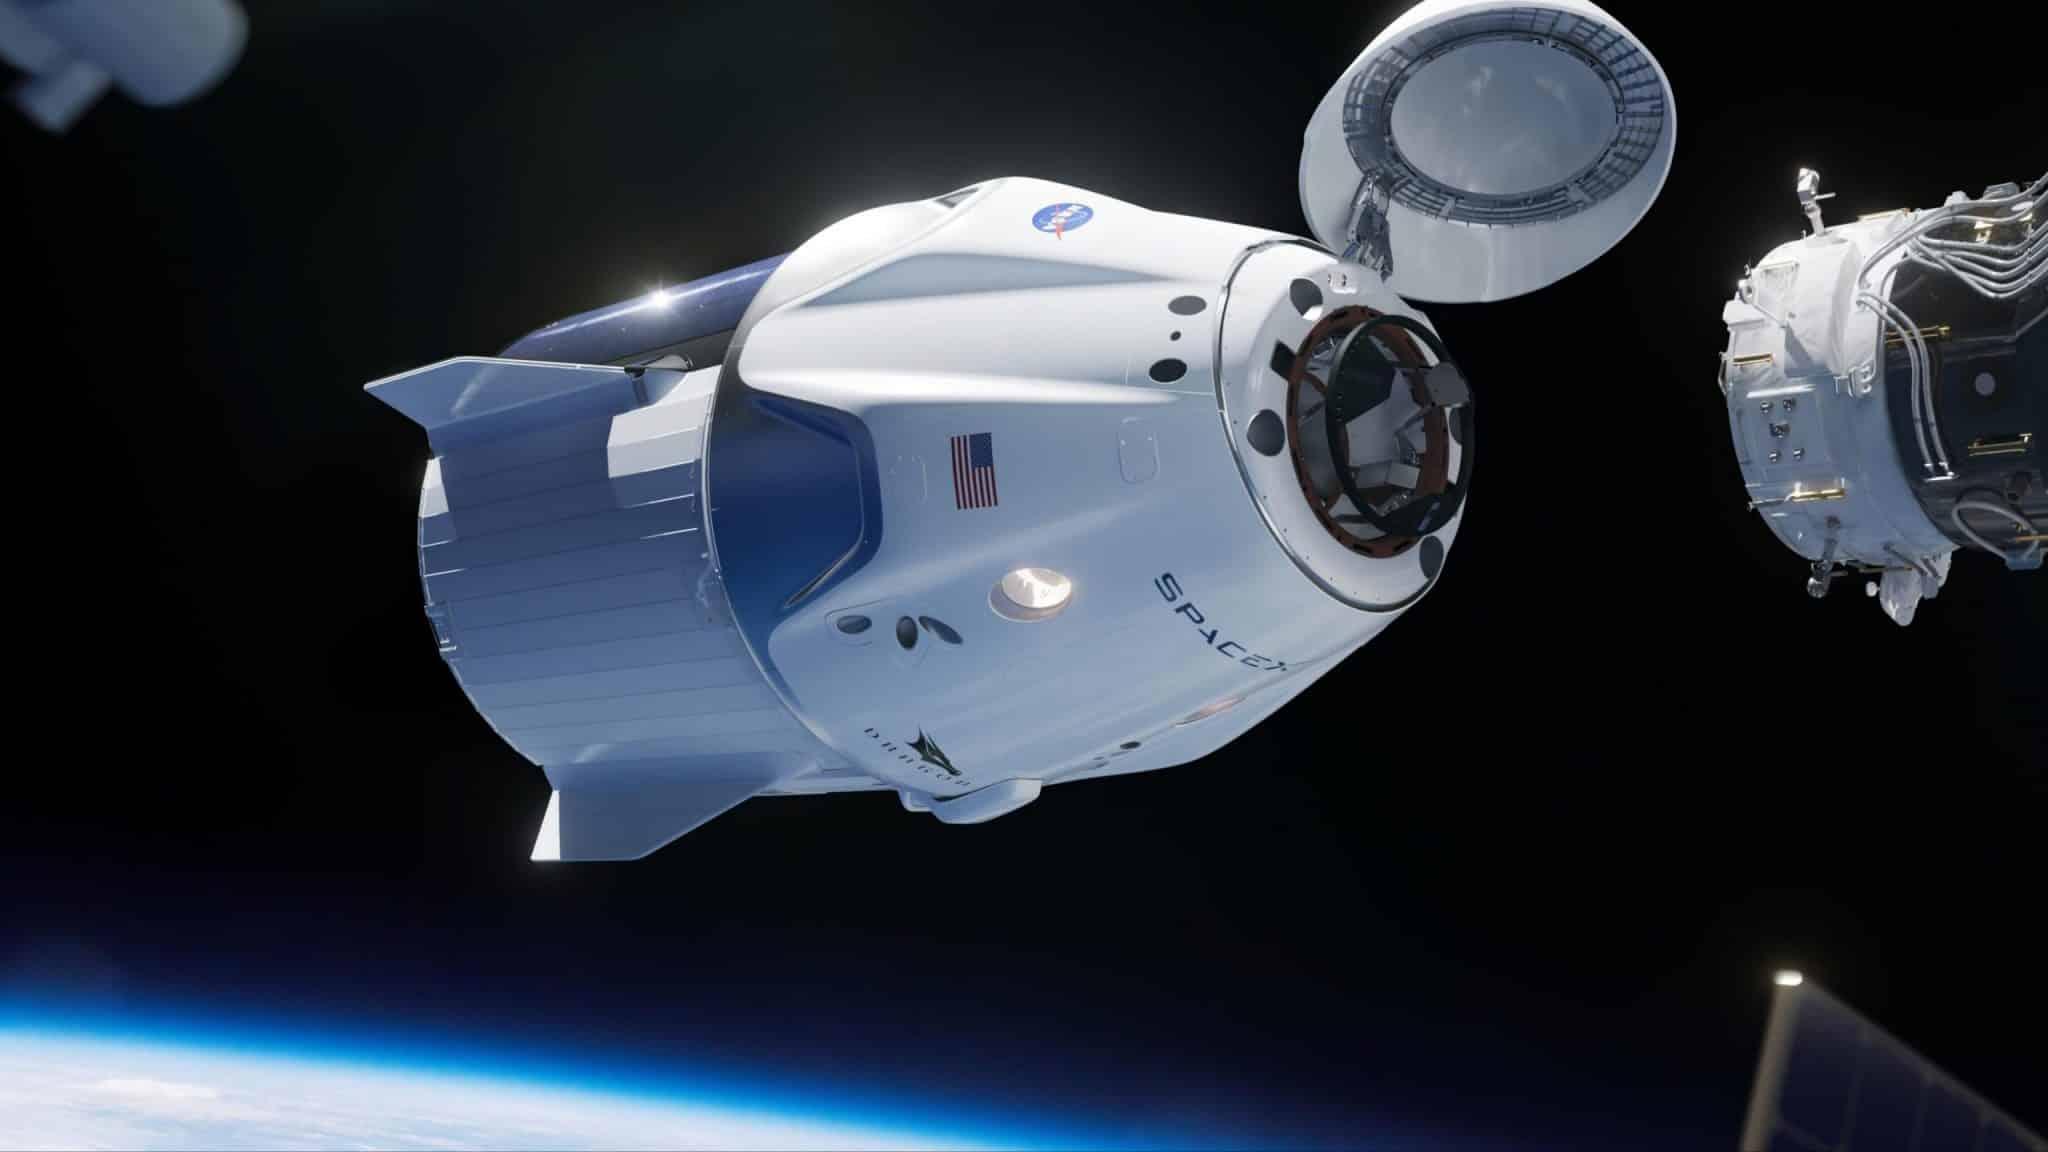 Spacex planuje vylety do vesmiru